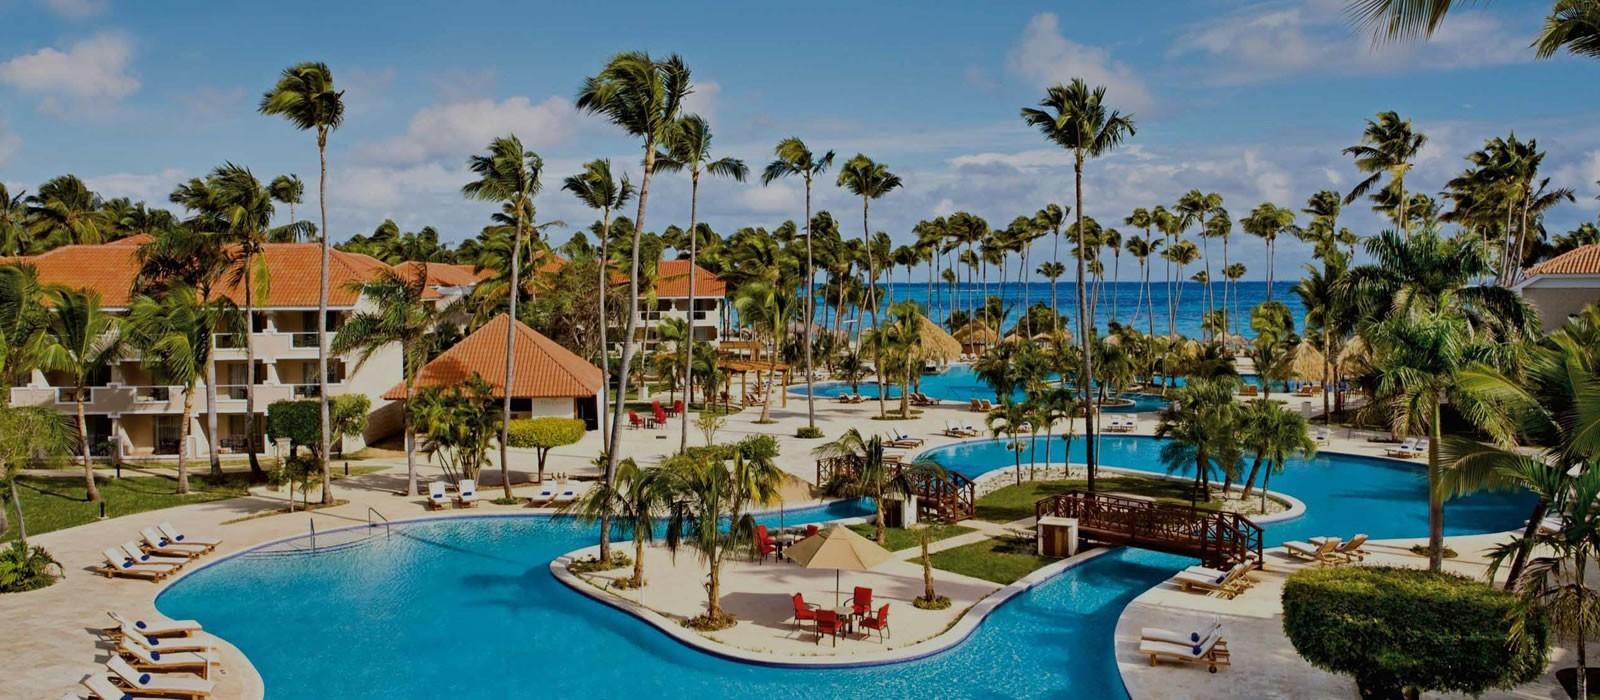 dreams-palm-beach-punta-cana-header-hmd